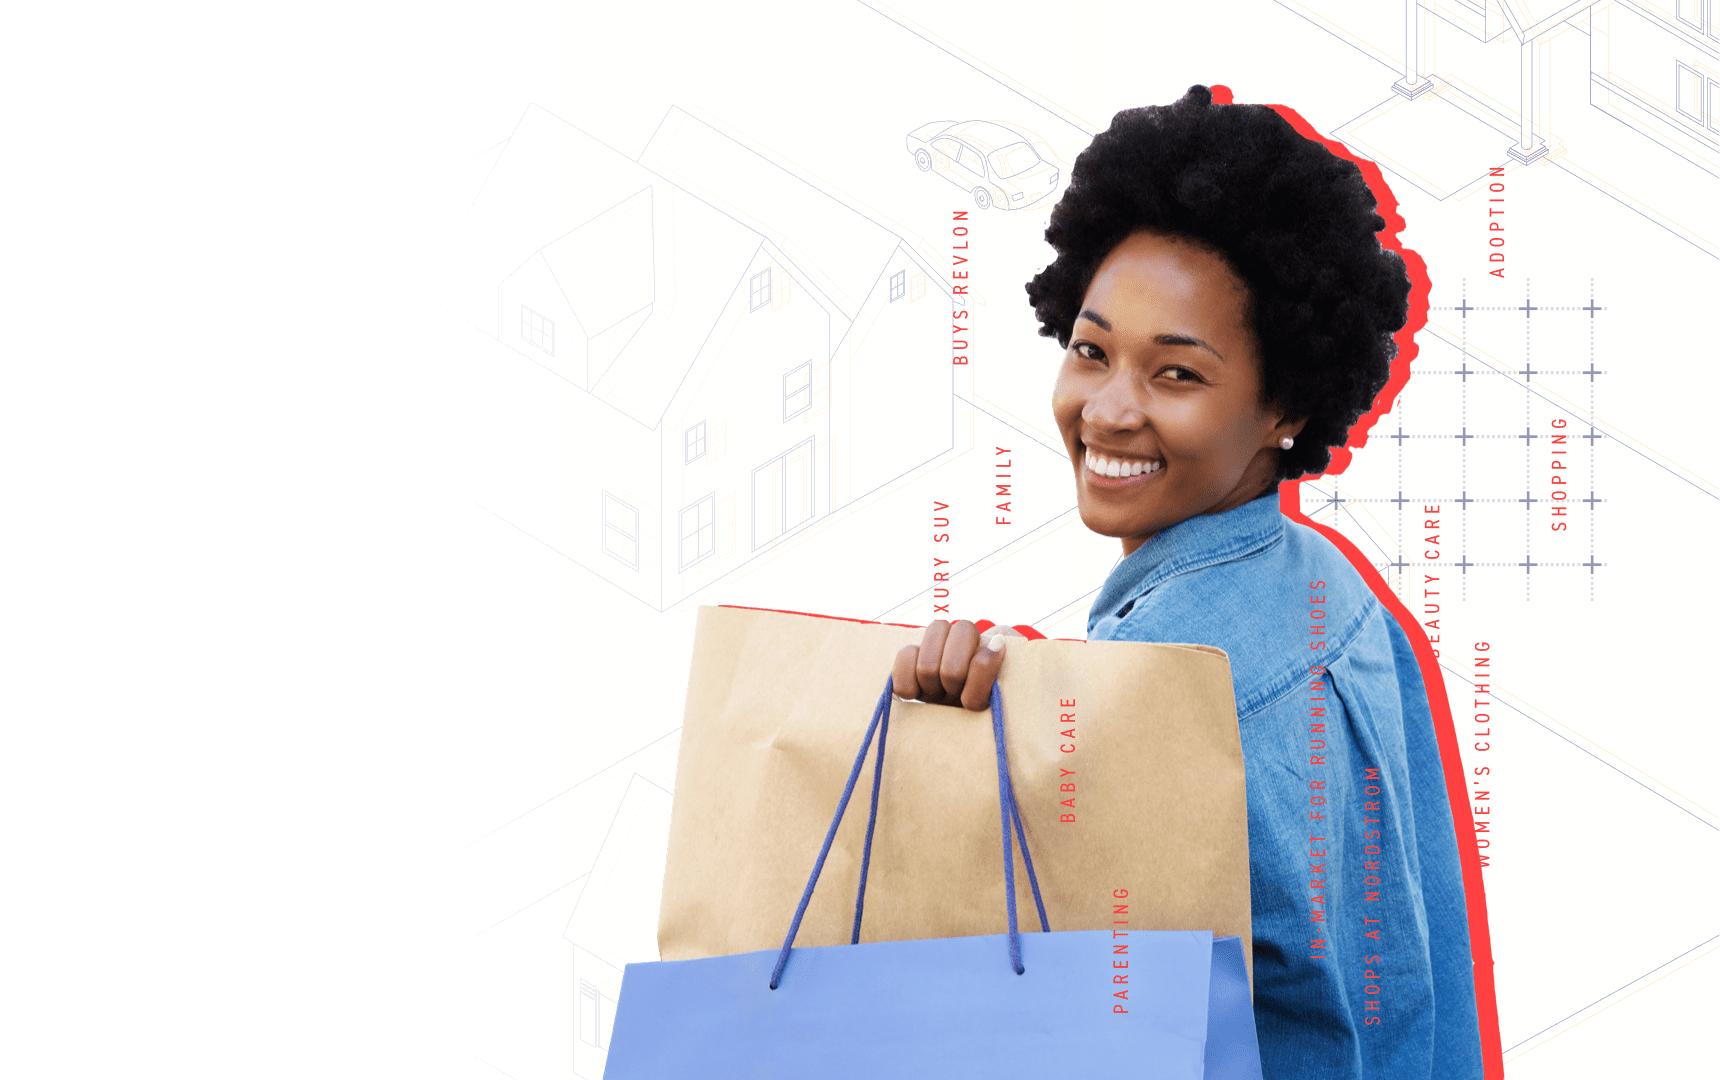 Consumer Graph Hero